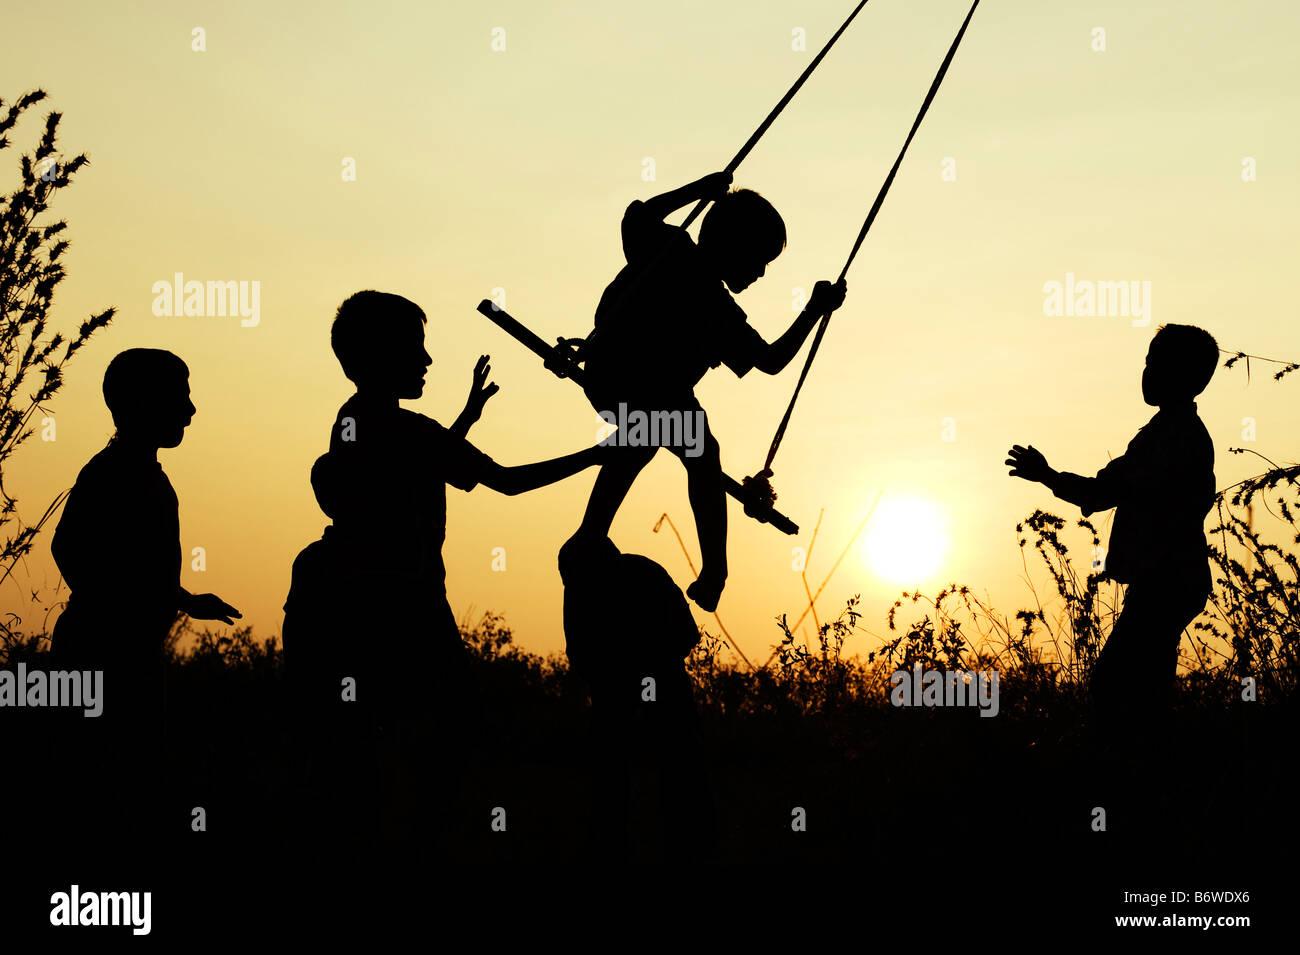 Silhouette der indischen Kinder spielen auf einem hausgemachten Schaukel in der Landschaft bei Sonnenuntergang. Stockfoto